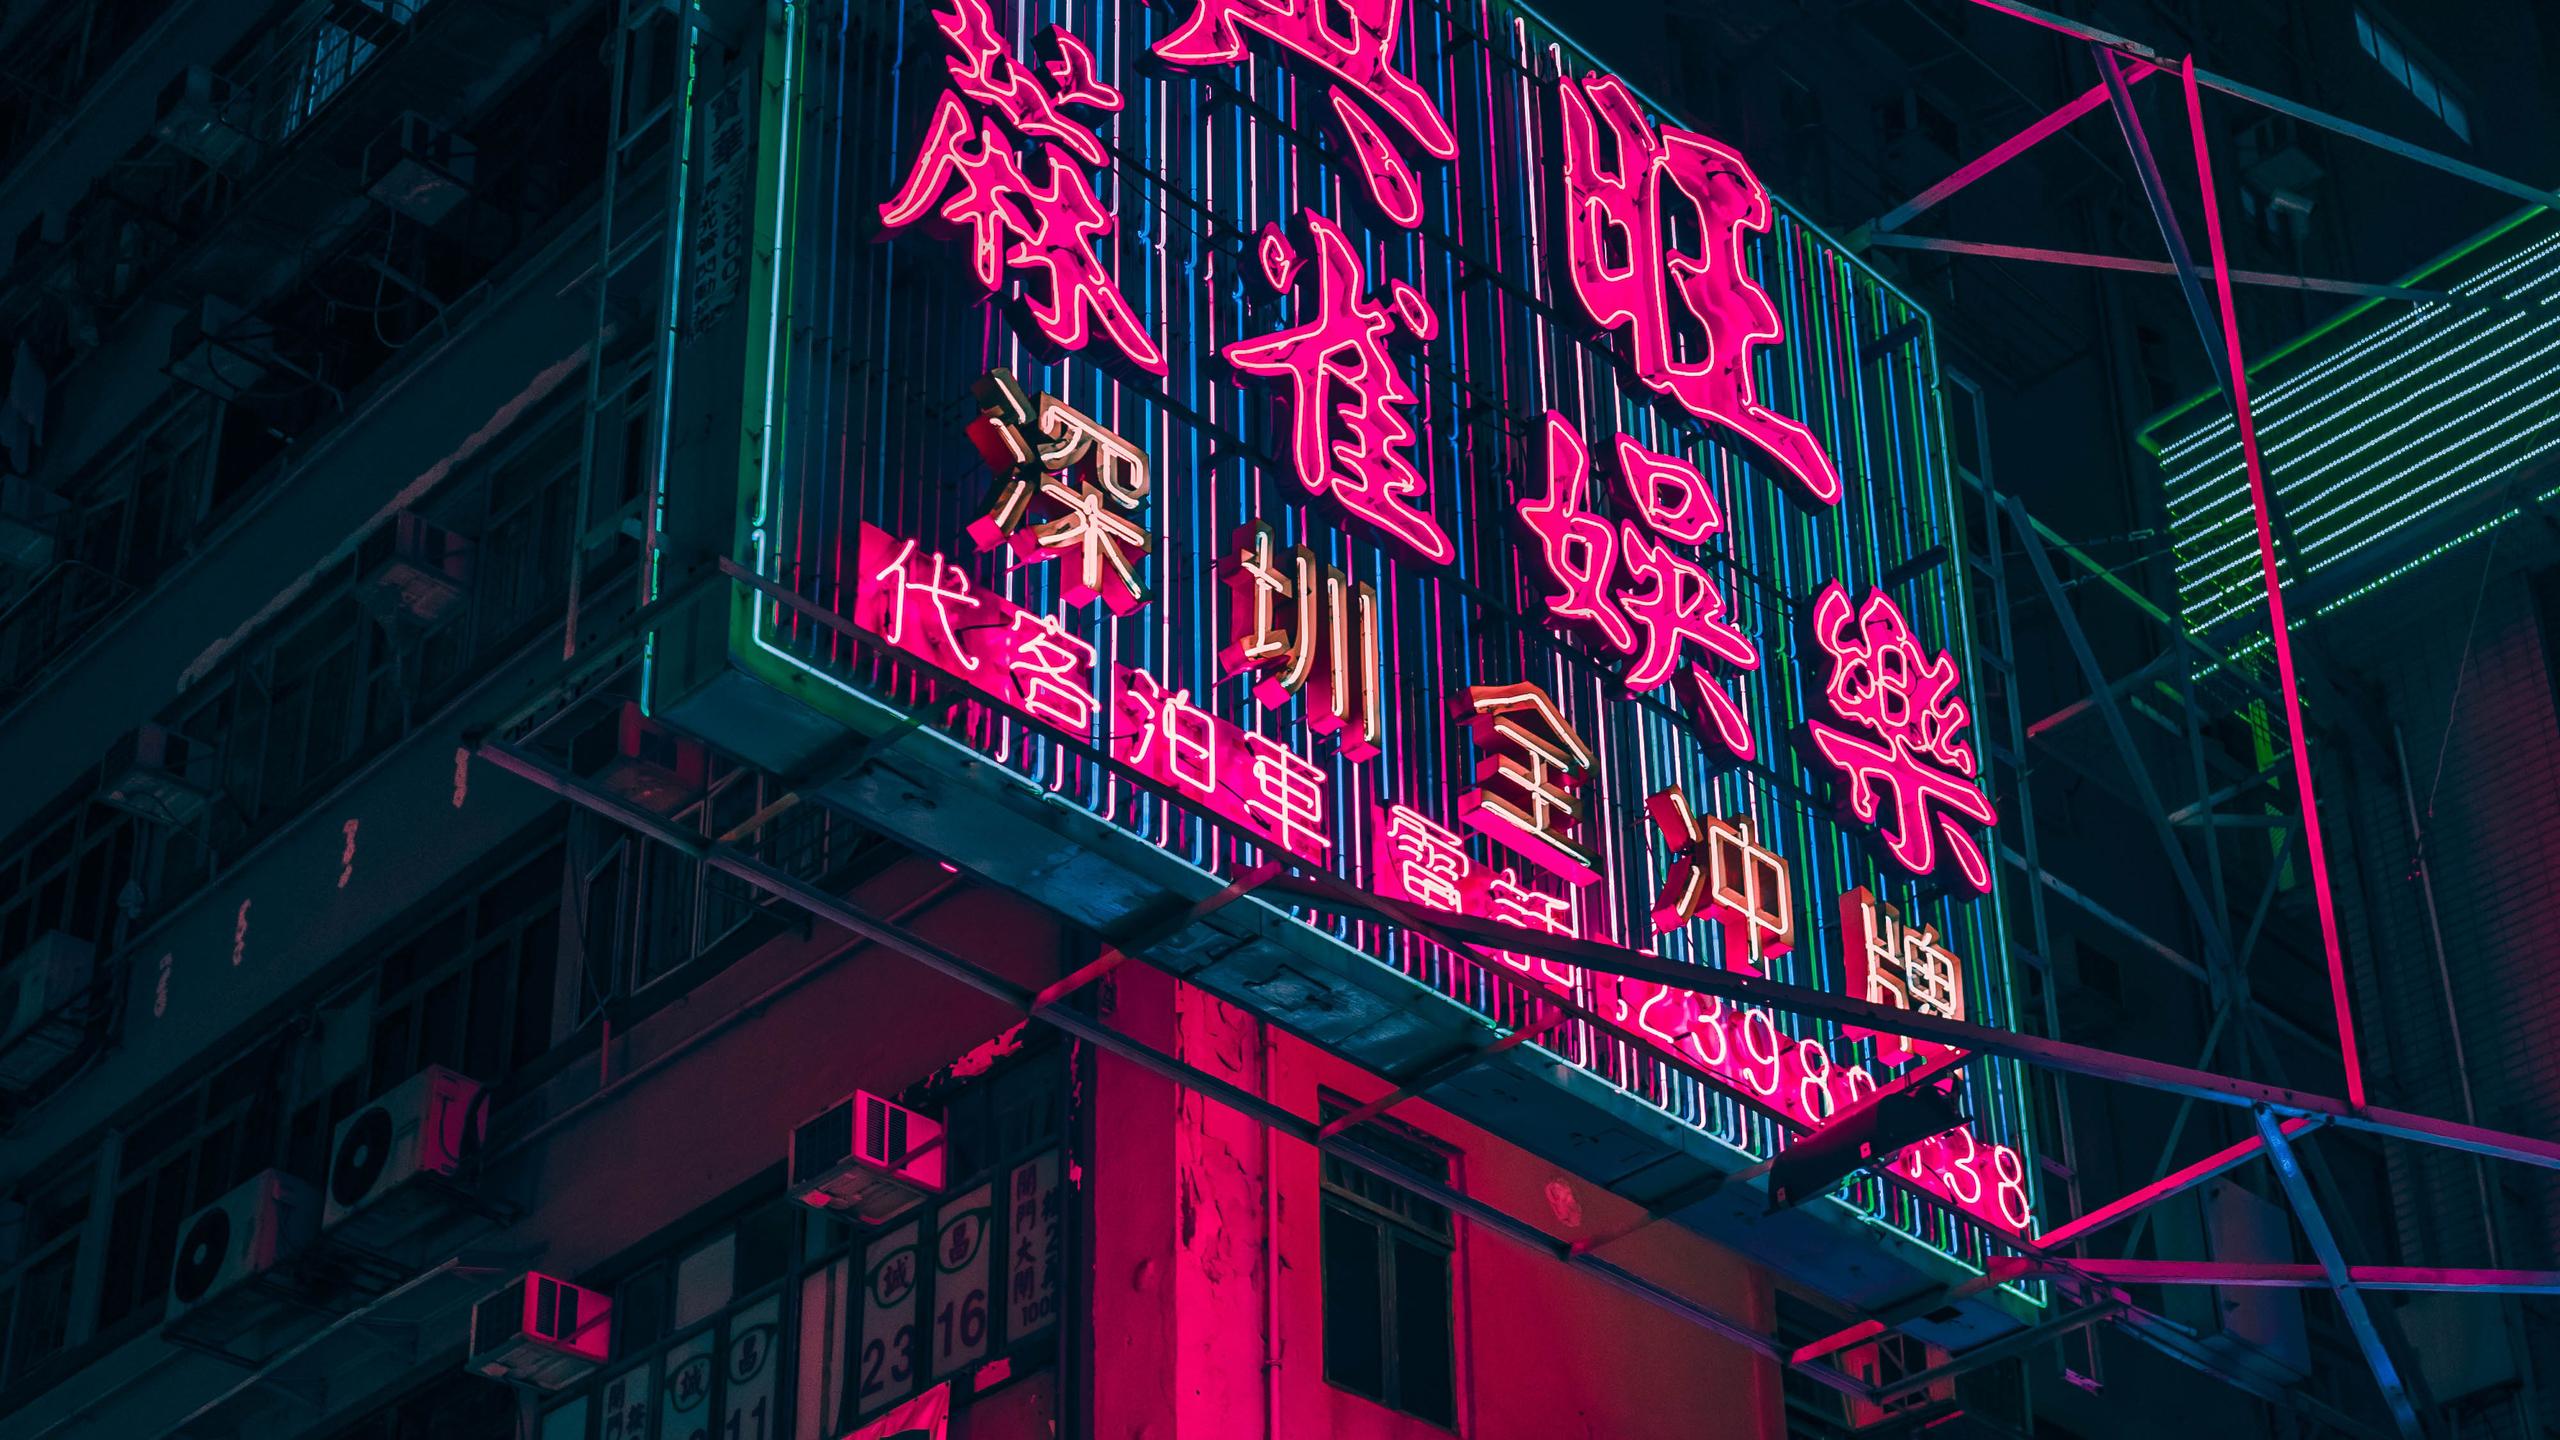 chineseneonsign.jpg